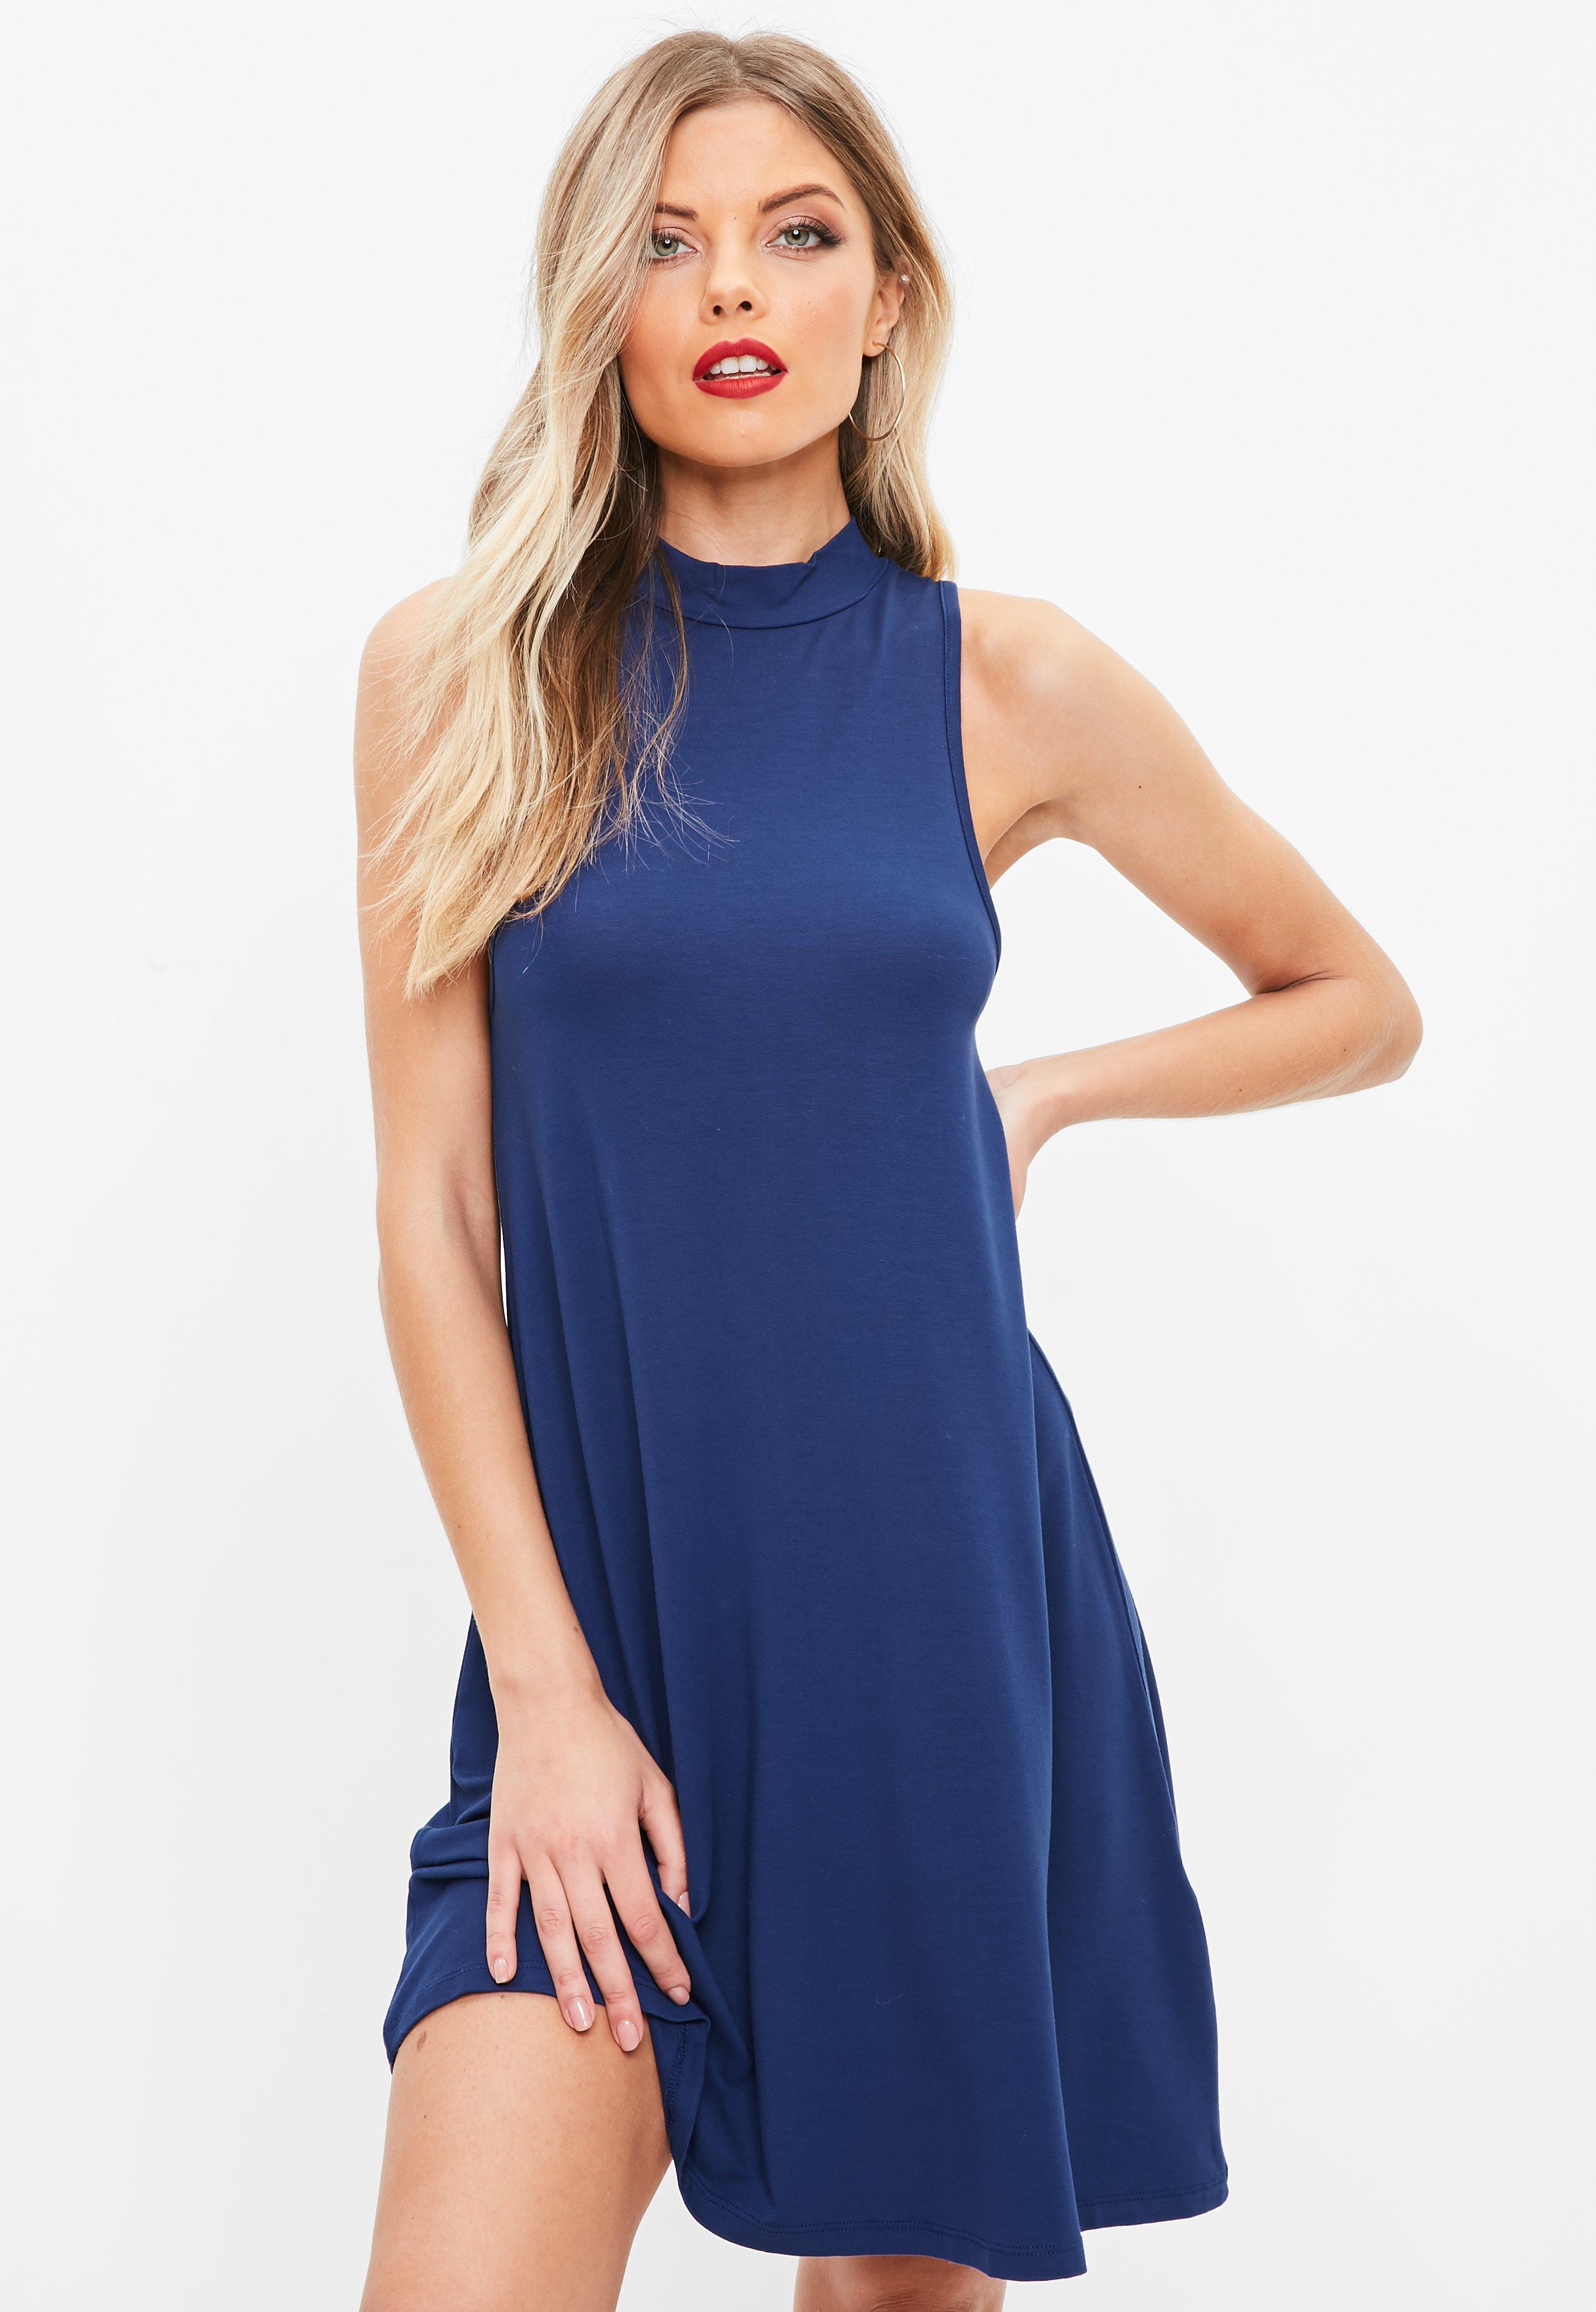 76c60e1ac179c Blue Racer Neck Sleeveless Swing Dress